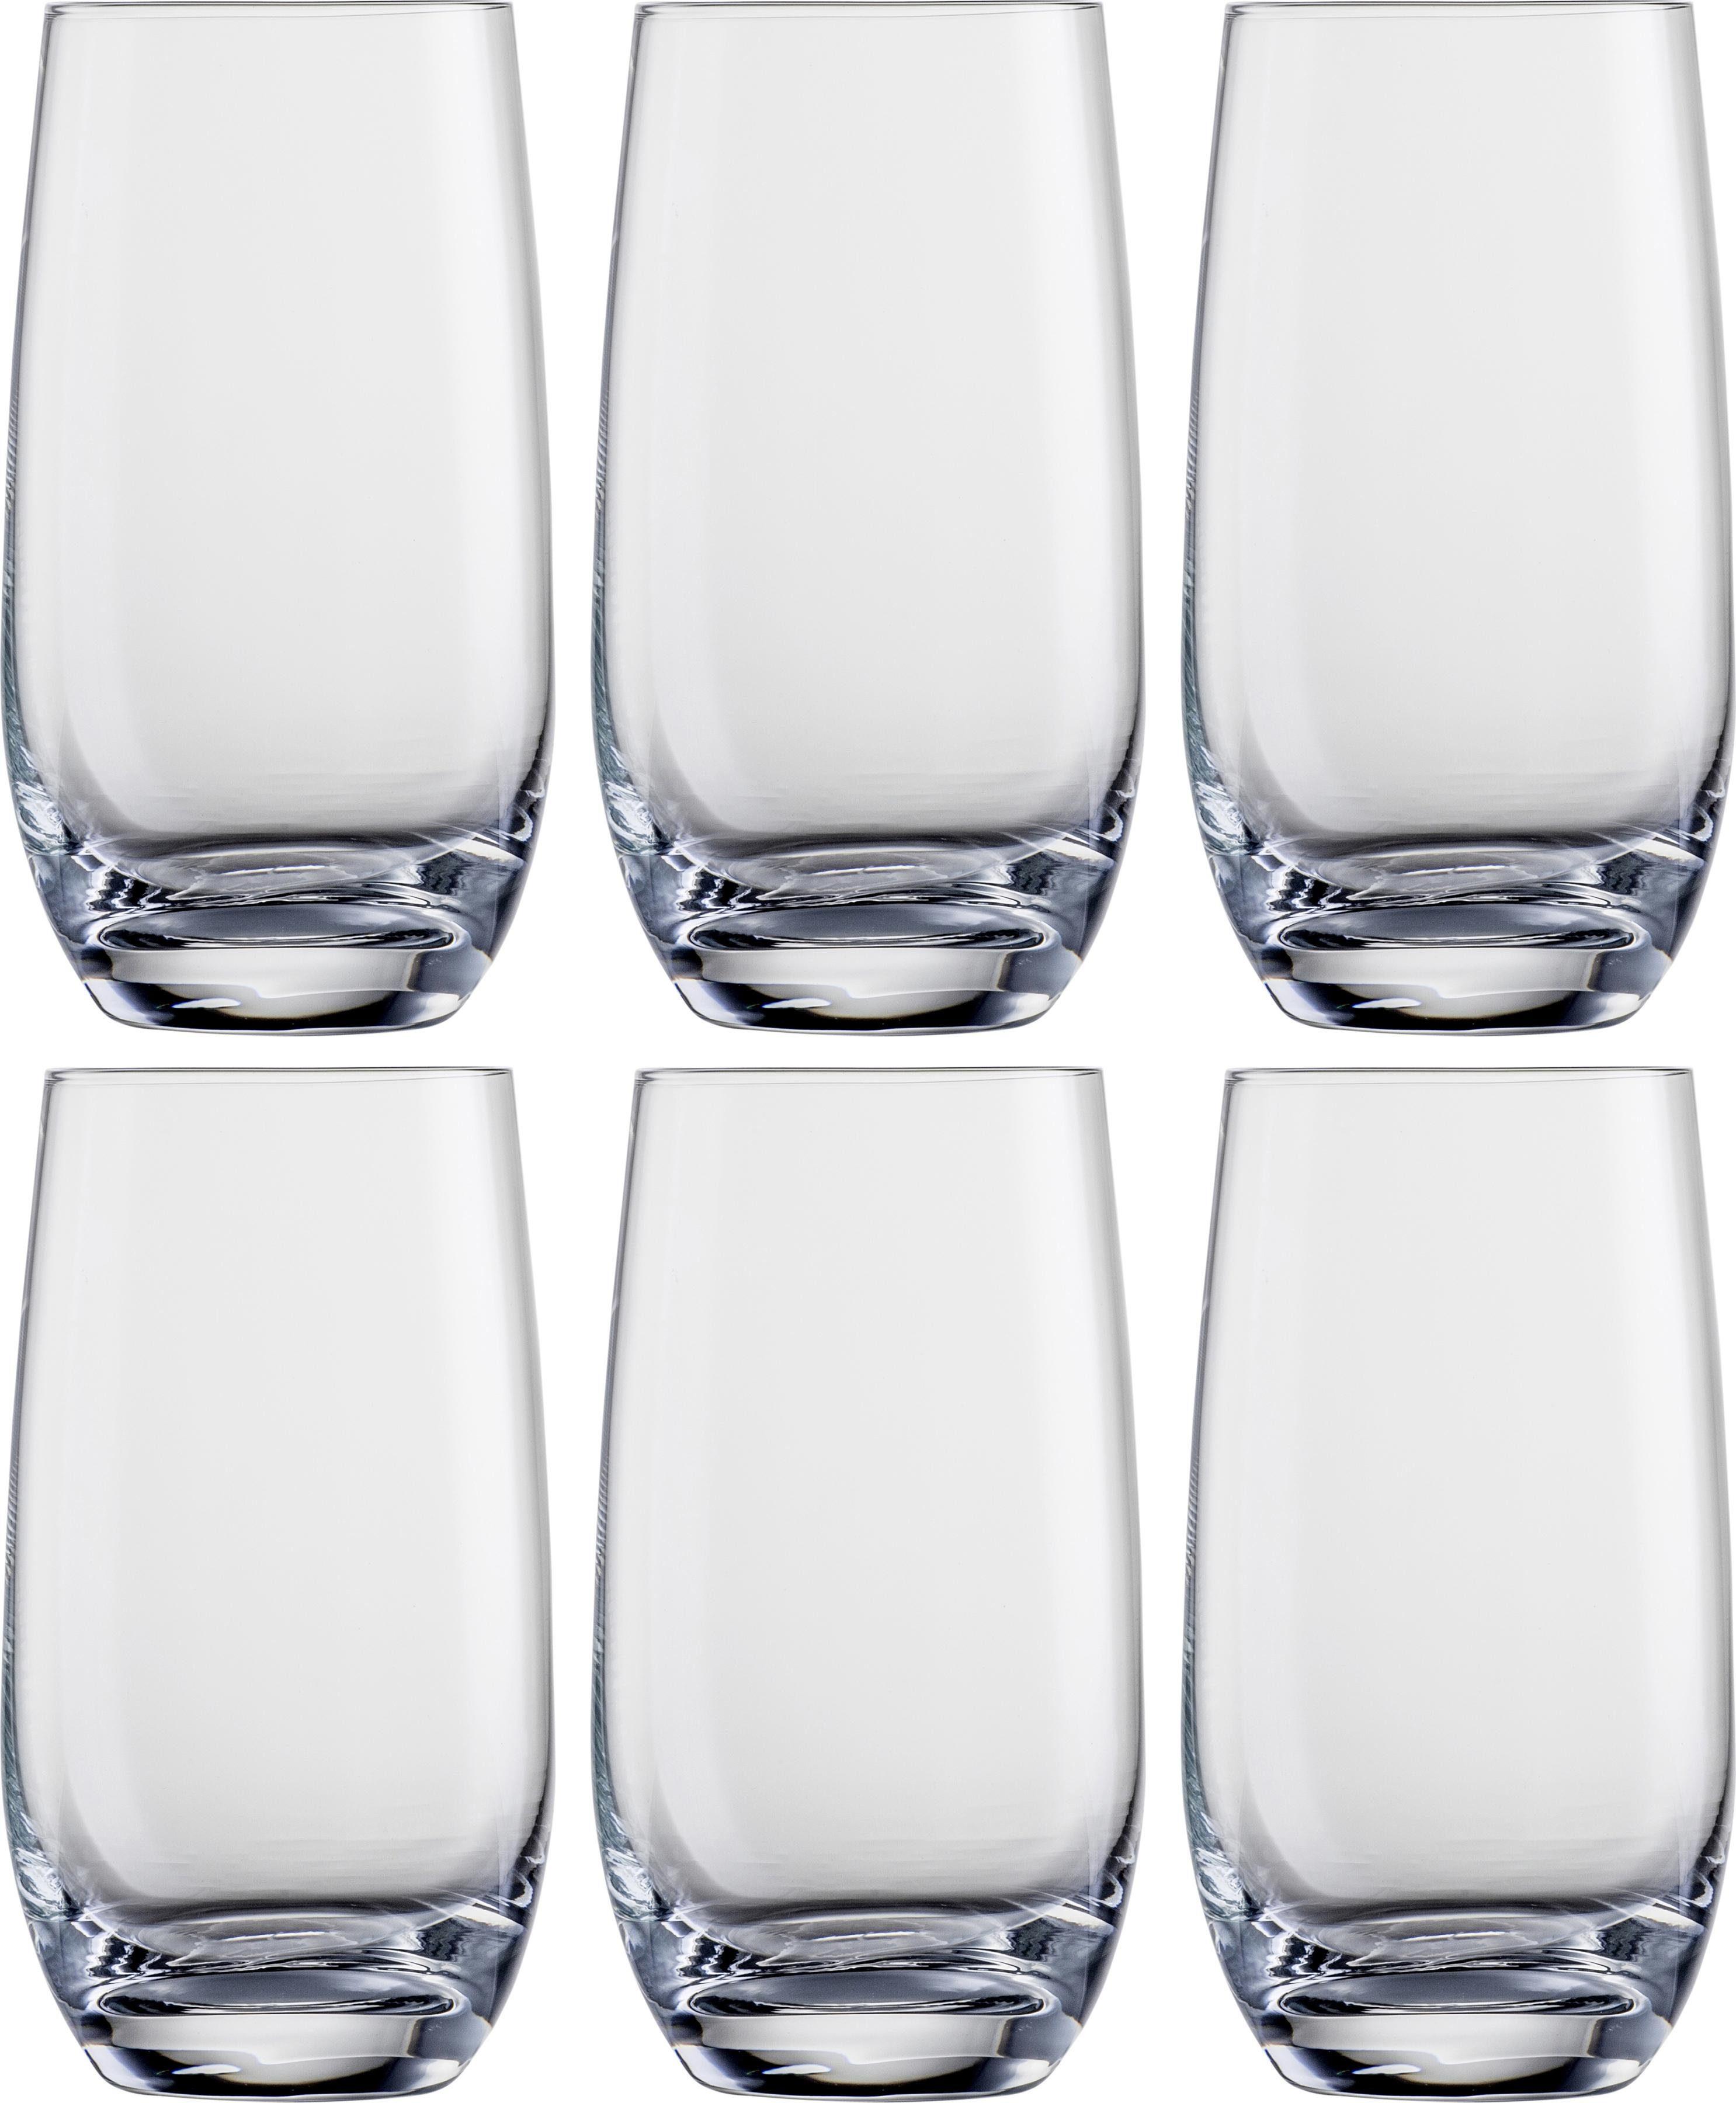 Eisch Longdrinkglas, (Set, 6 tlg.), bleifrei, 490 ml farblos Kristallgläser Gläser Glaswaren Haushaltswaren Longdrinkglas